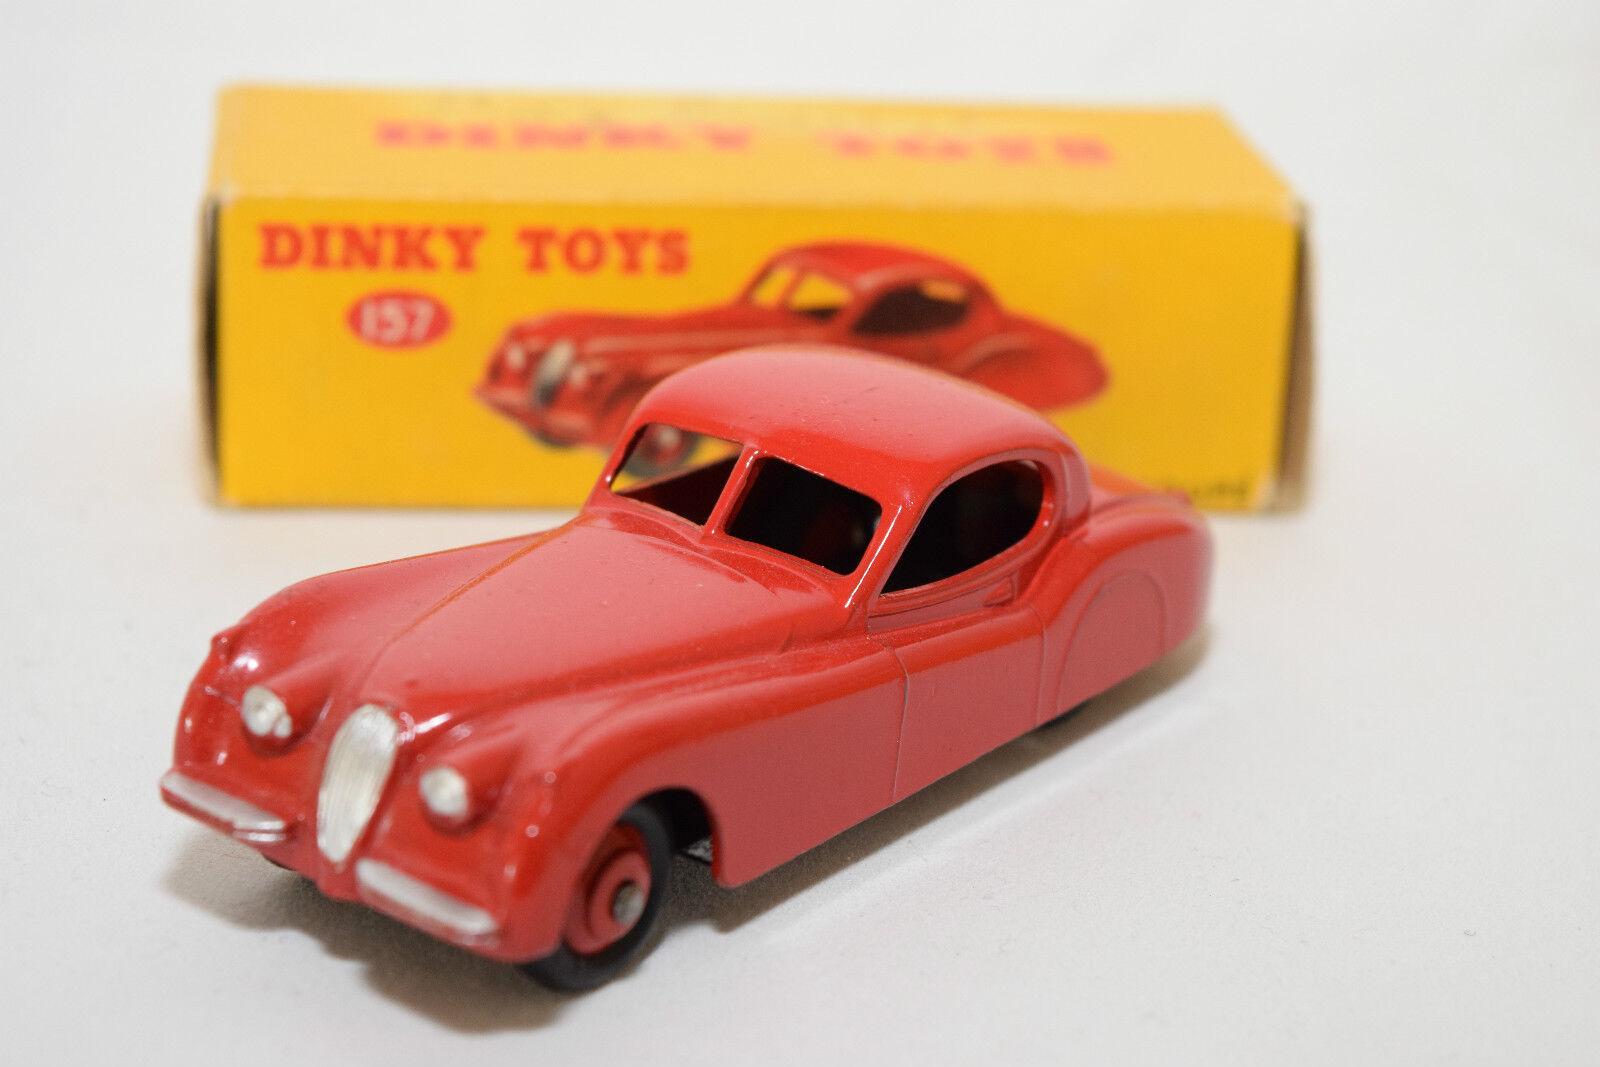 P dinky spielzeug 157 jaguar xk120 xk 120 coupé leuchtend rote mint boxed selten